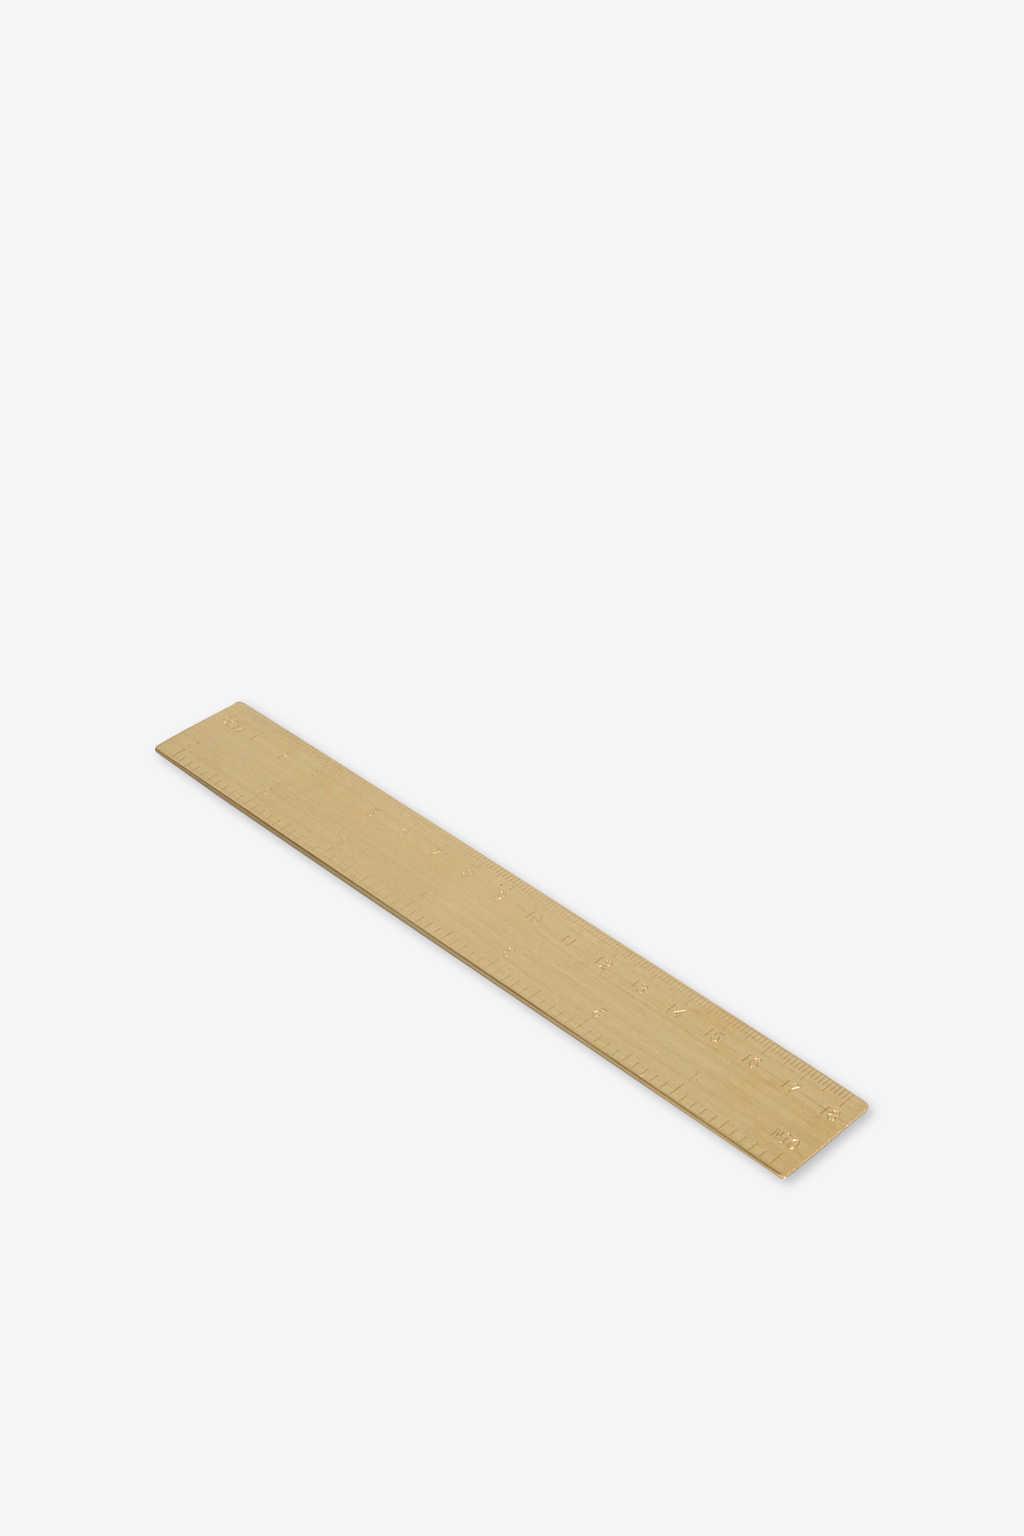 Ruler 2380 Brass 2